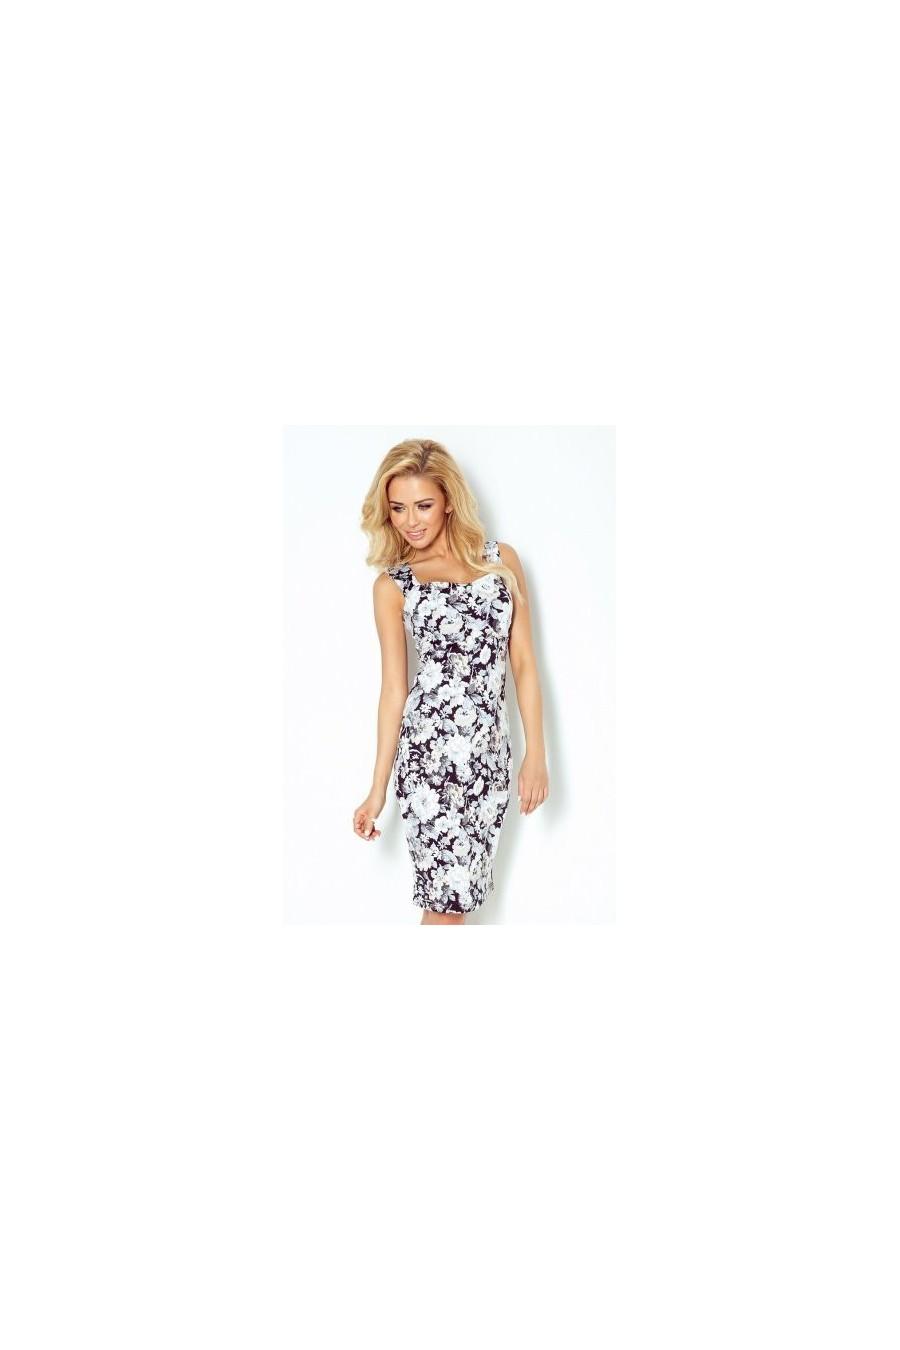 Šaty s výstřihem a cut-out zpět - ecru květy 104-3